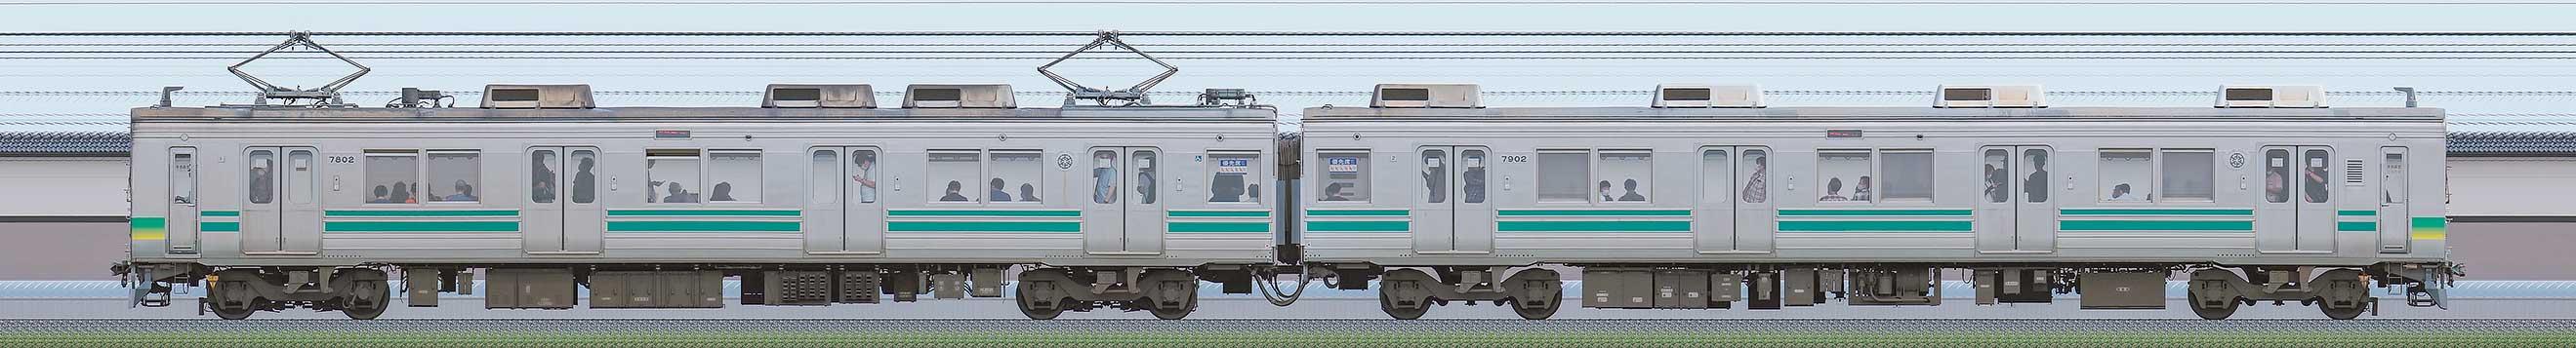 秩父鉄道7800系7802編成(北側)の編成サイドビュー